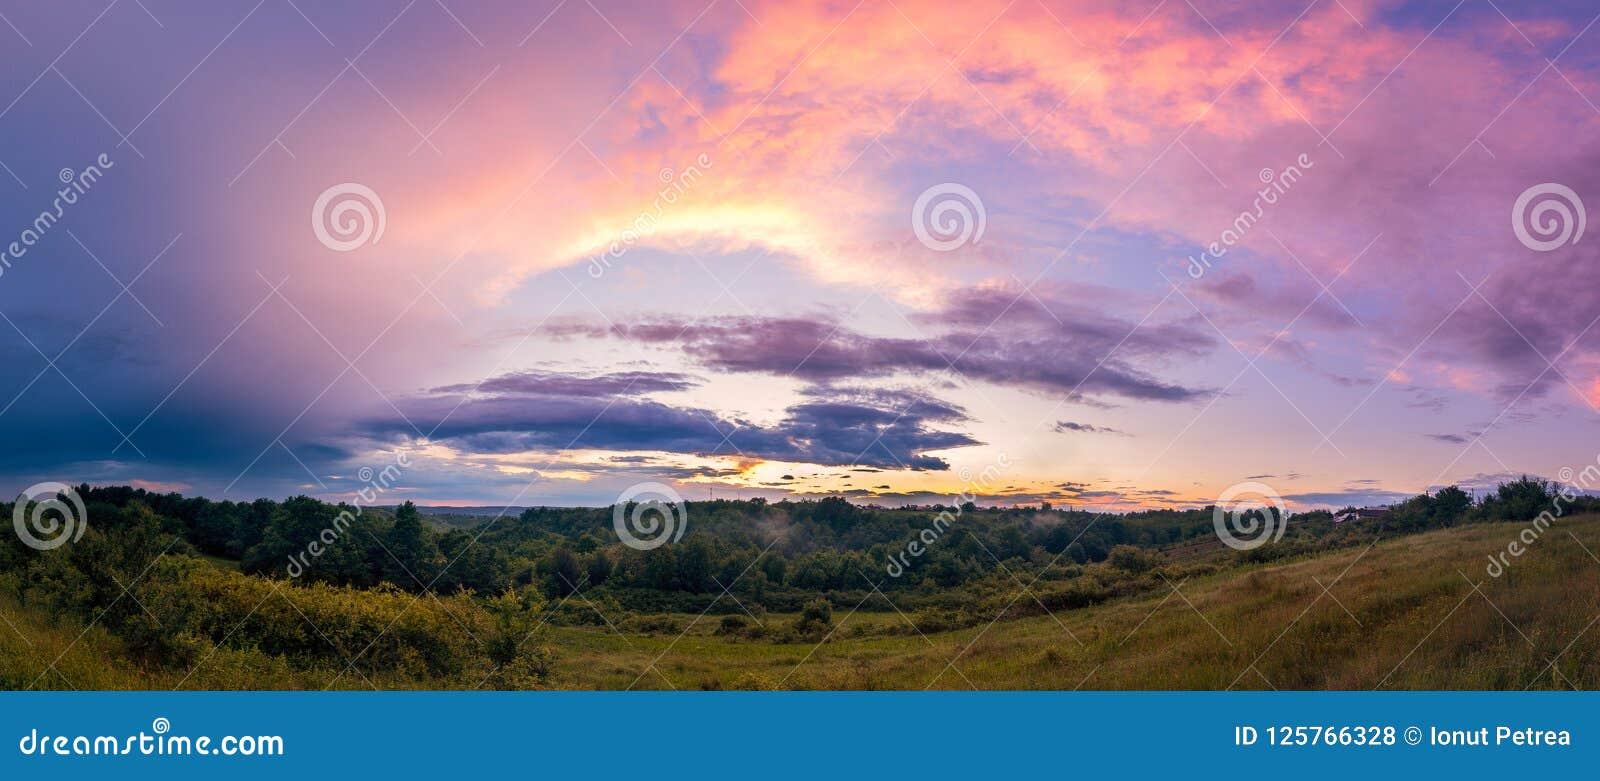 Panoramazonsondergang na streng regenonweer met dramatische wolken